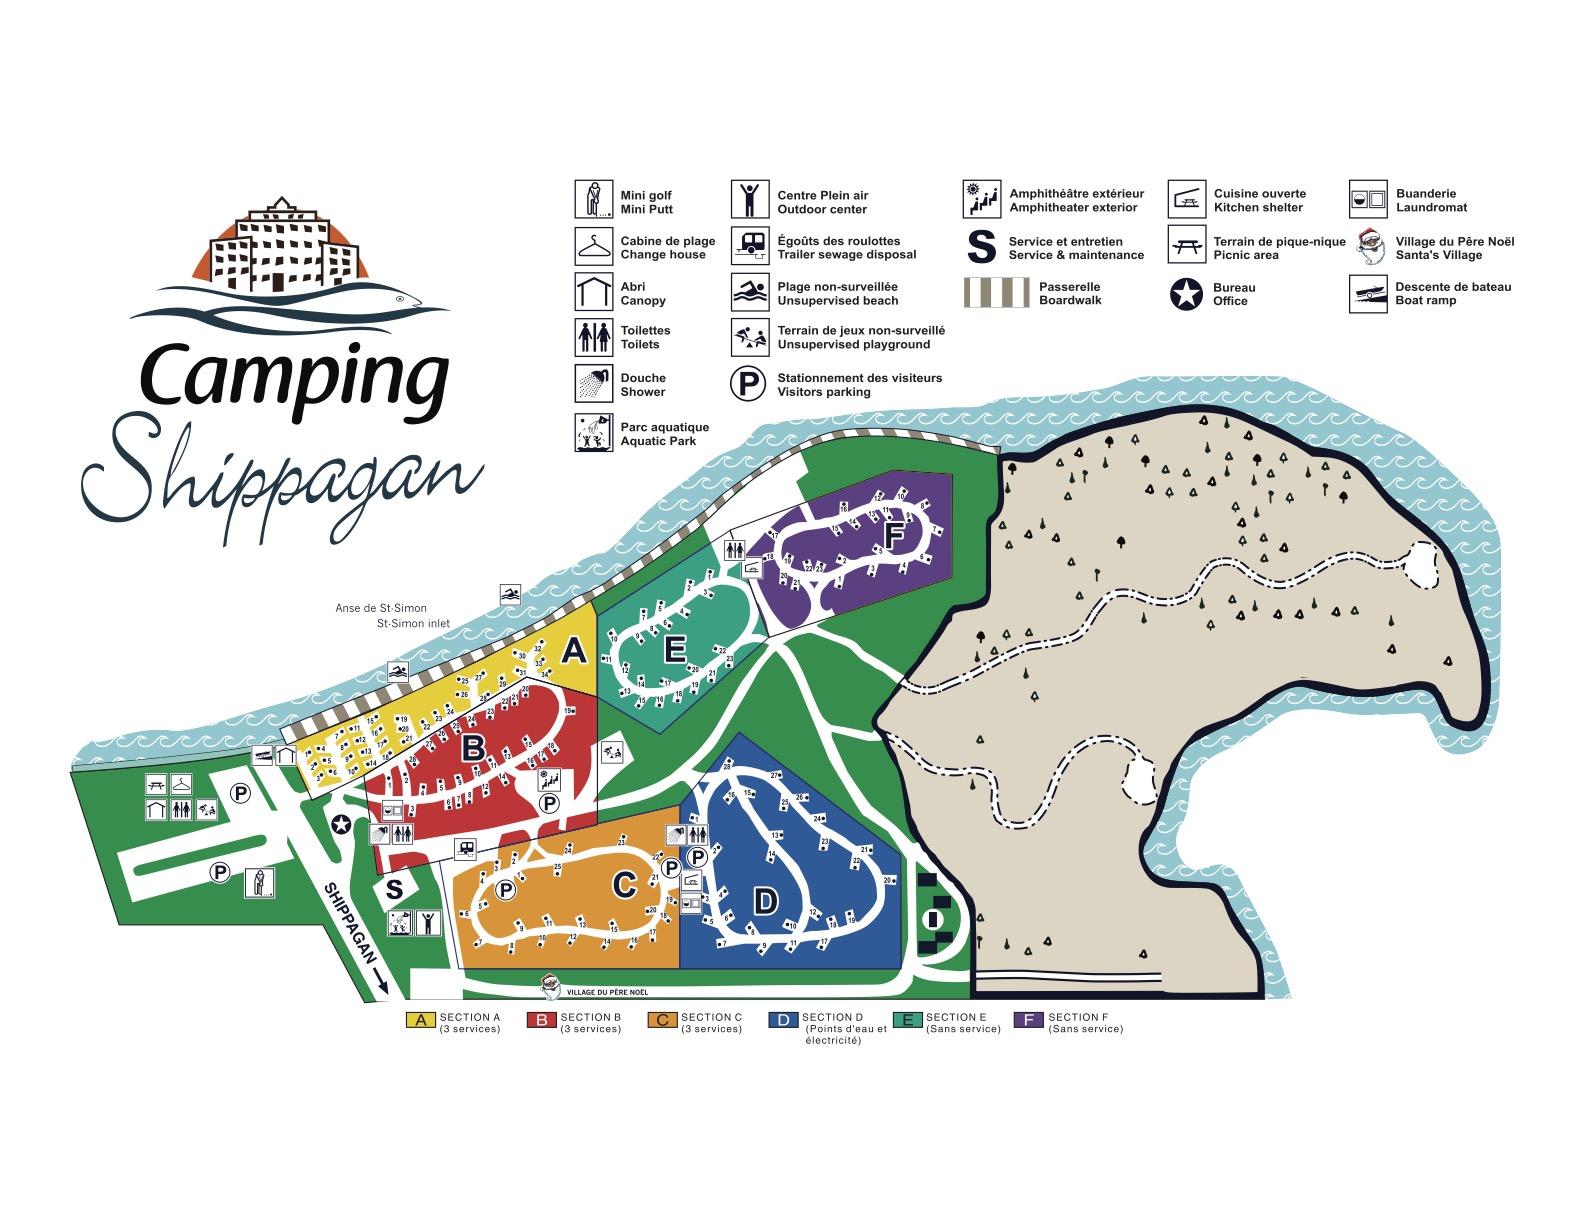 Plan du Camping Shippagan - Attrait Quoi faire Camping Shippagan - Nouveau-Brunswick N.B - Réservation - Plein Air